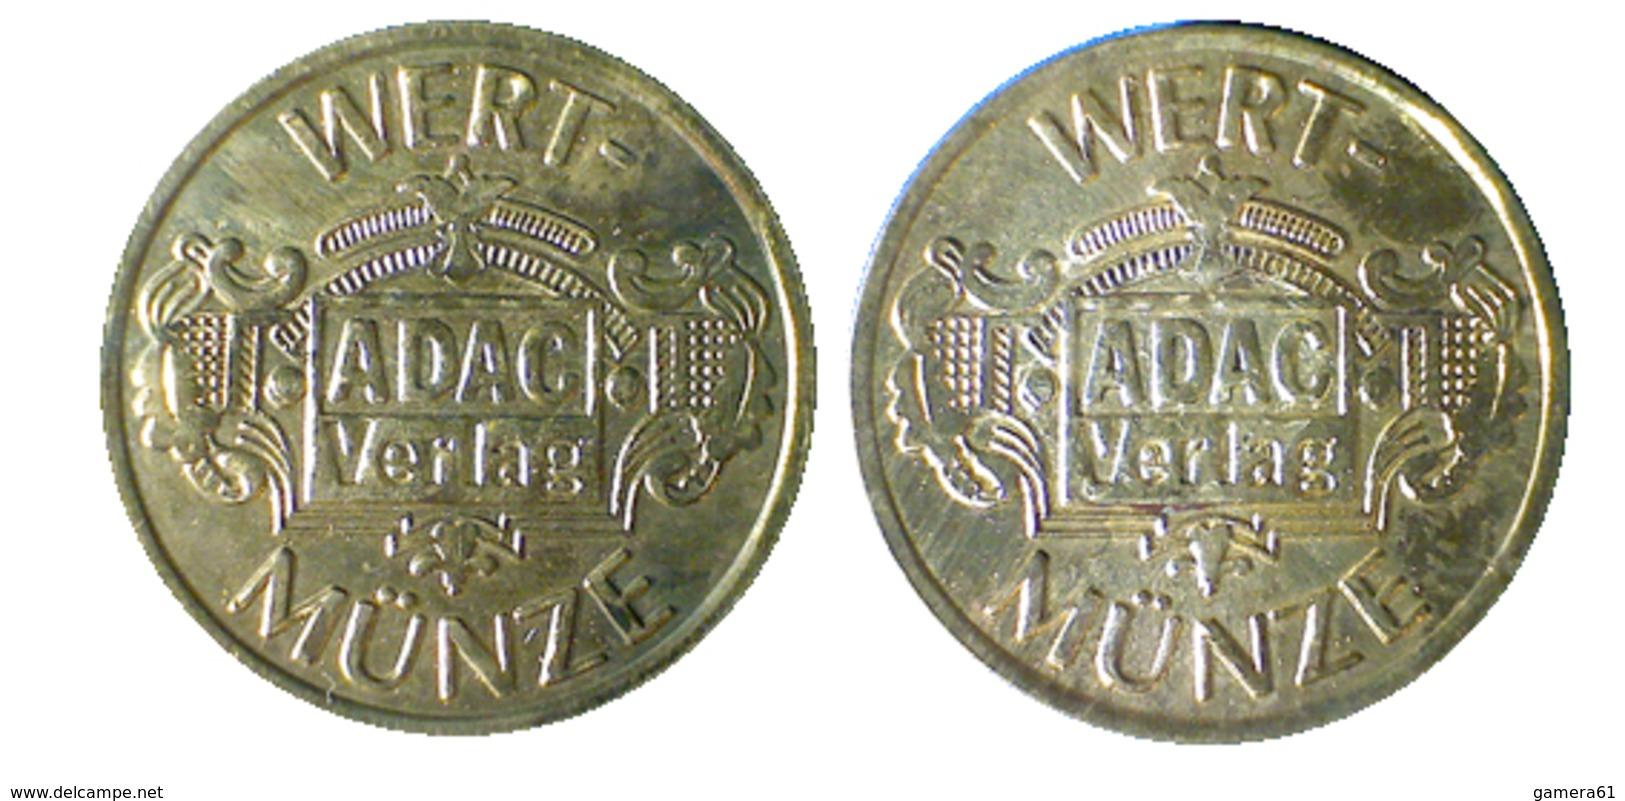 02180 GETTONE JETON TOKEN ADVERTISING VENDING WERT MUNZE ADAC VERLANG - Allemagne